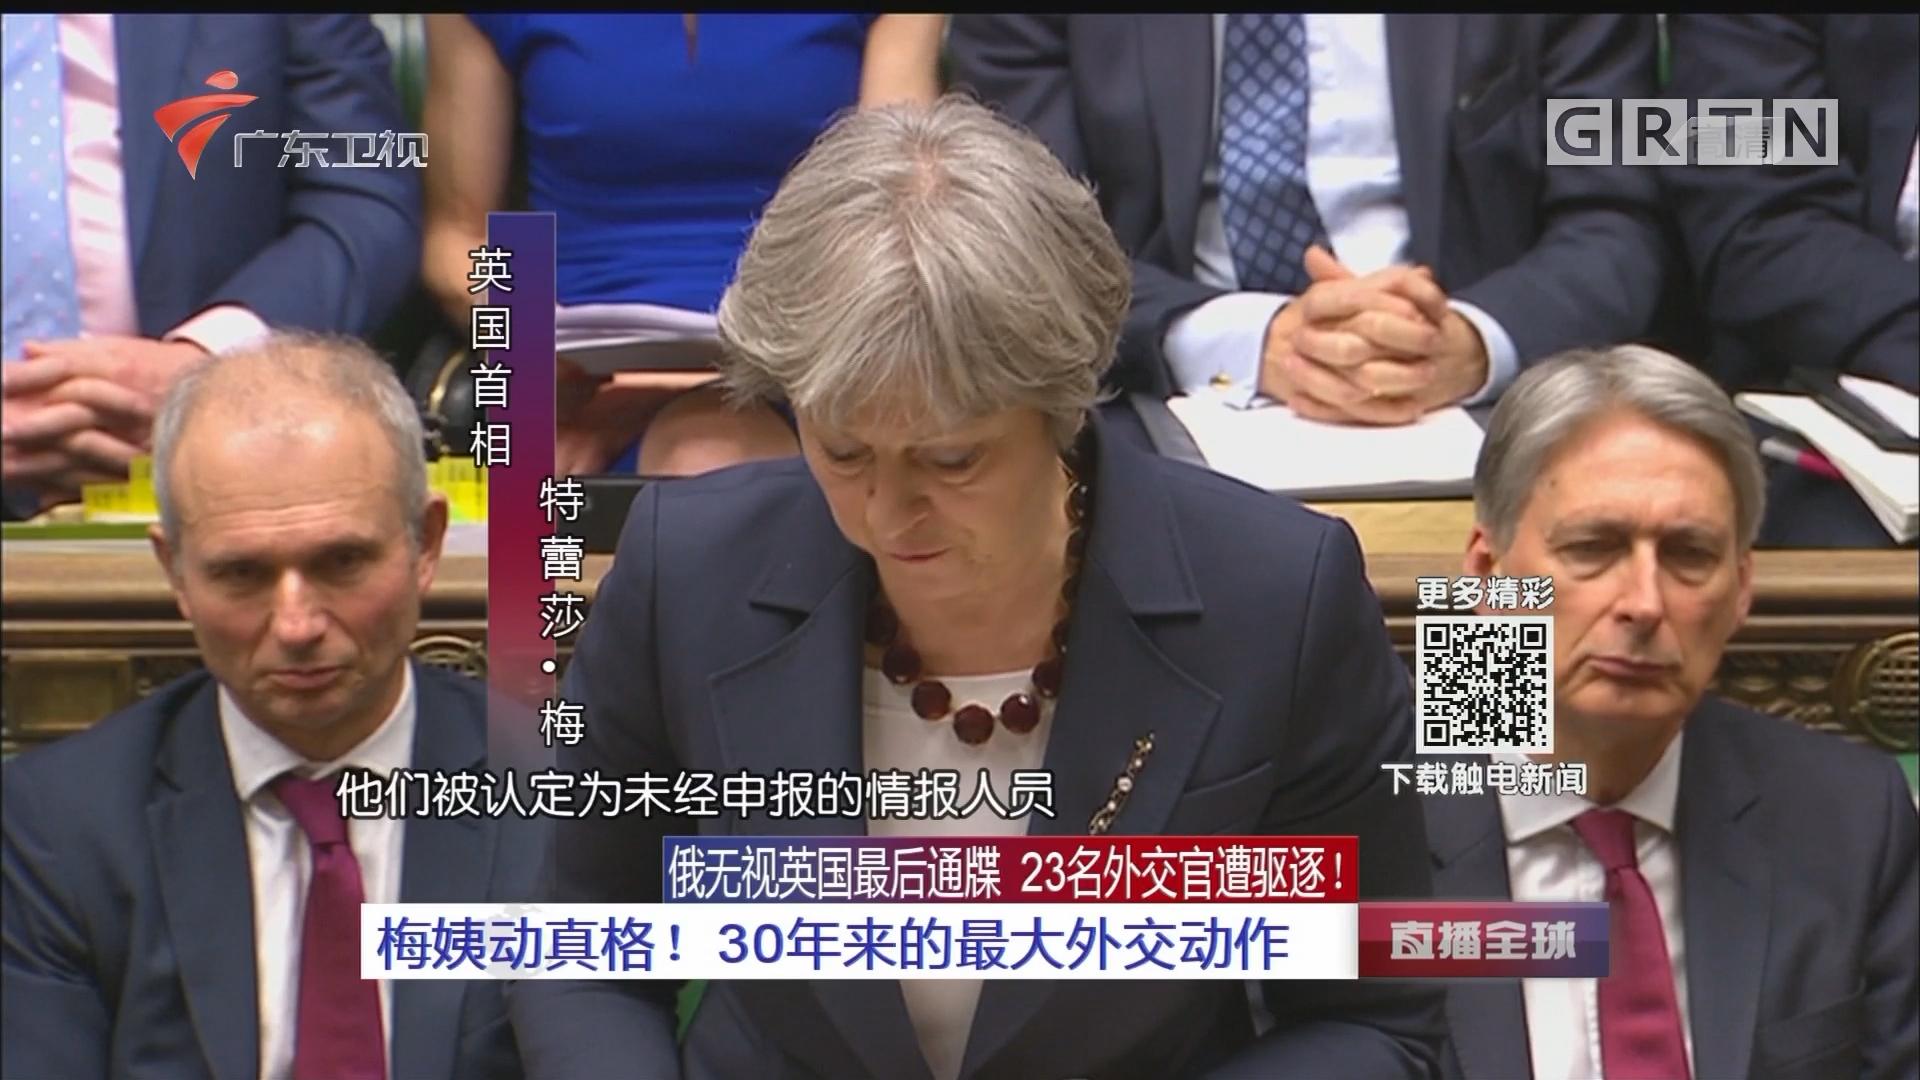 俄无视英国最后通牒 23名外交官遭驱逐:梅姨动真格!30年来的最大外交动作